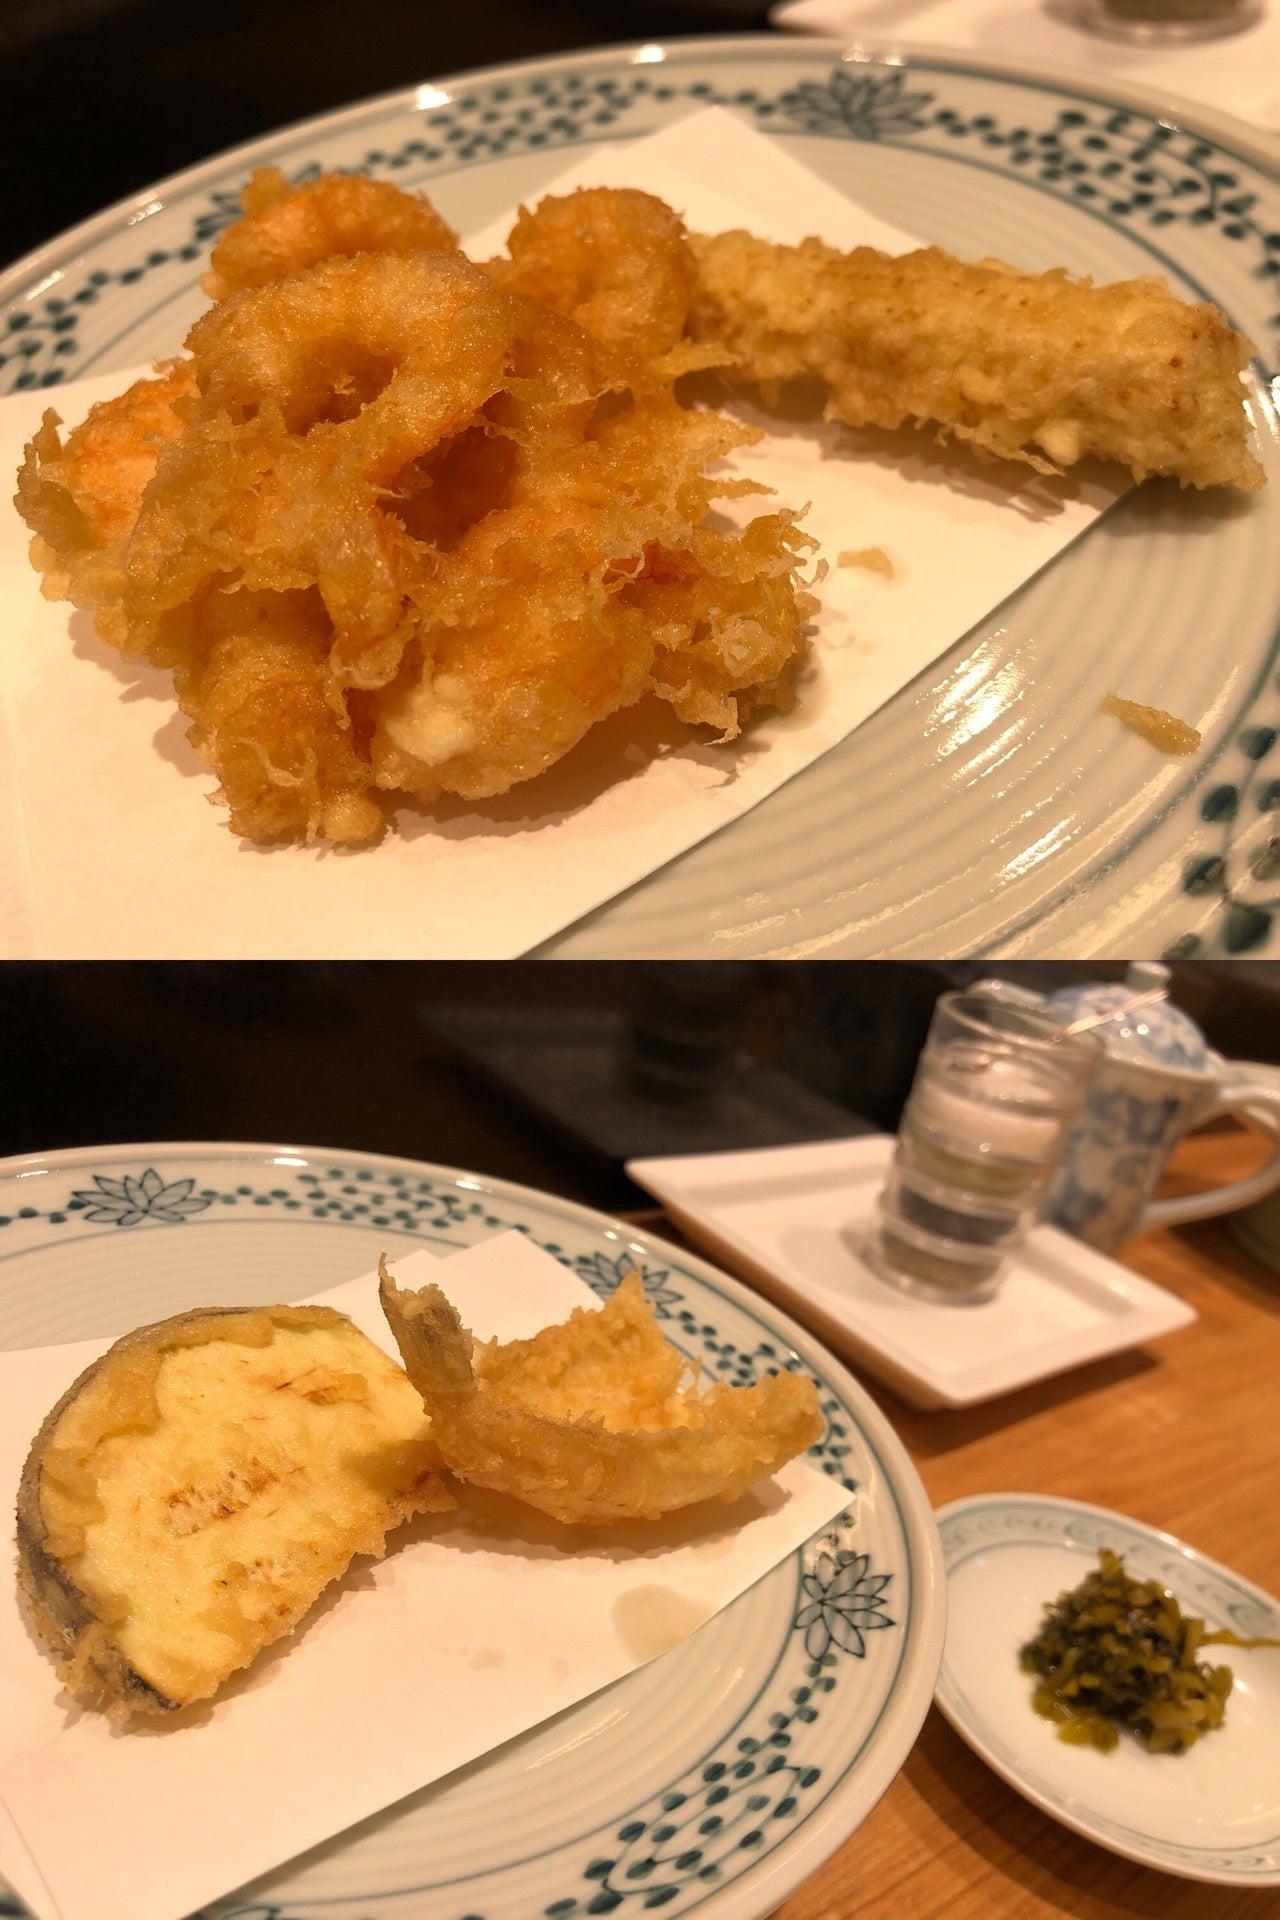 塩が4種類。天つゆと大根おろし。いろんな味で食べられる。海老がぷりぷりしてる。 (@ 天ぷら つな八 名古屋ゲートタワー店 in Nagoya-shi, 愛知県) https://t.co/E38ftziyKC https://t.co/kkGOruu5RL